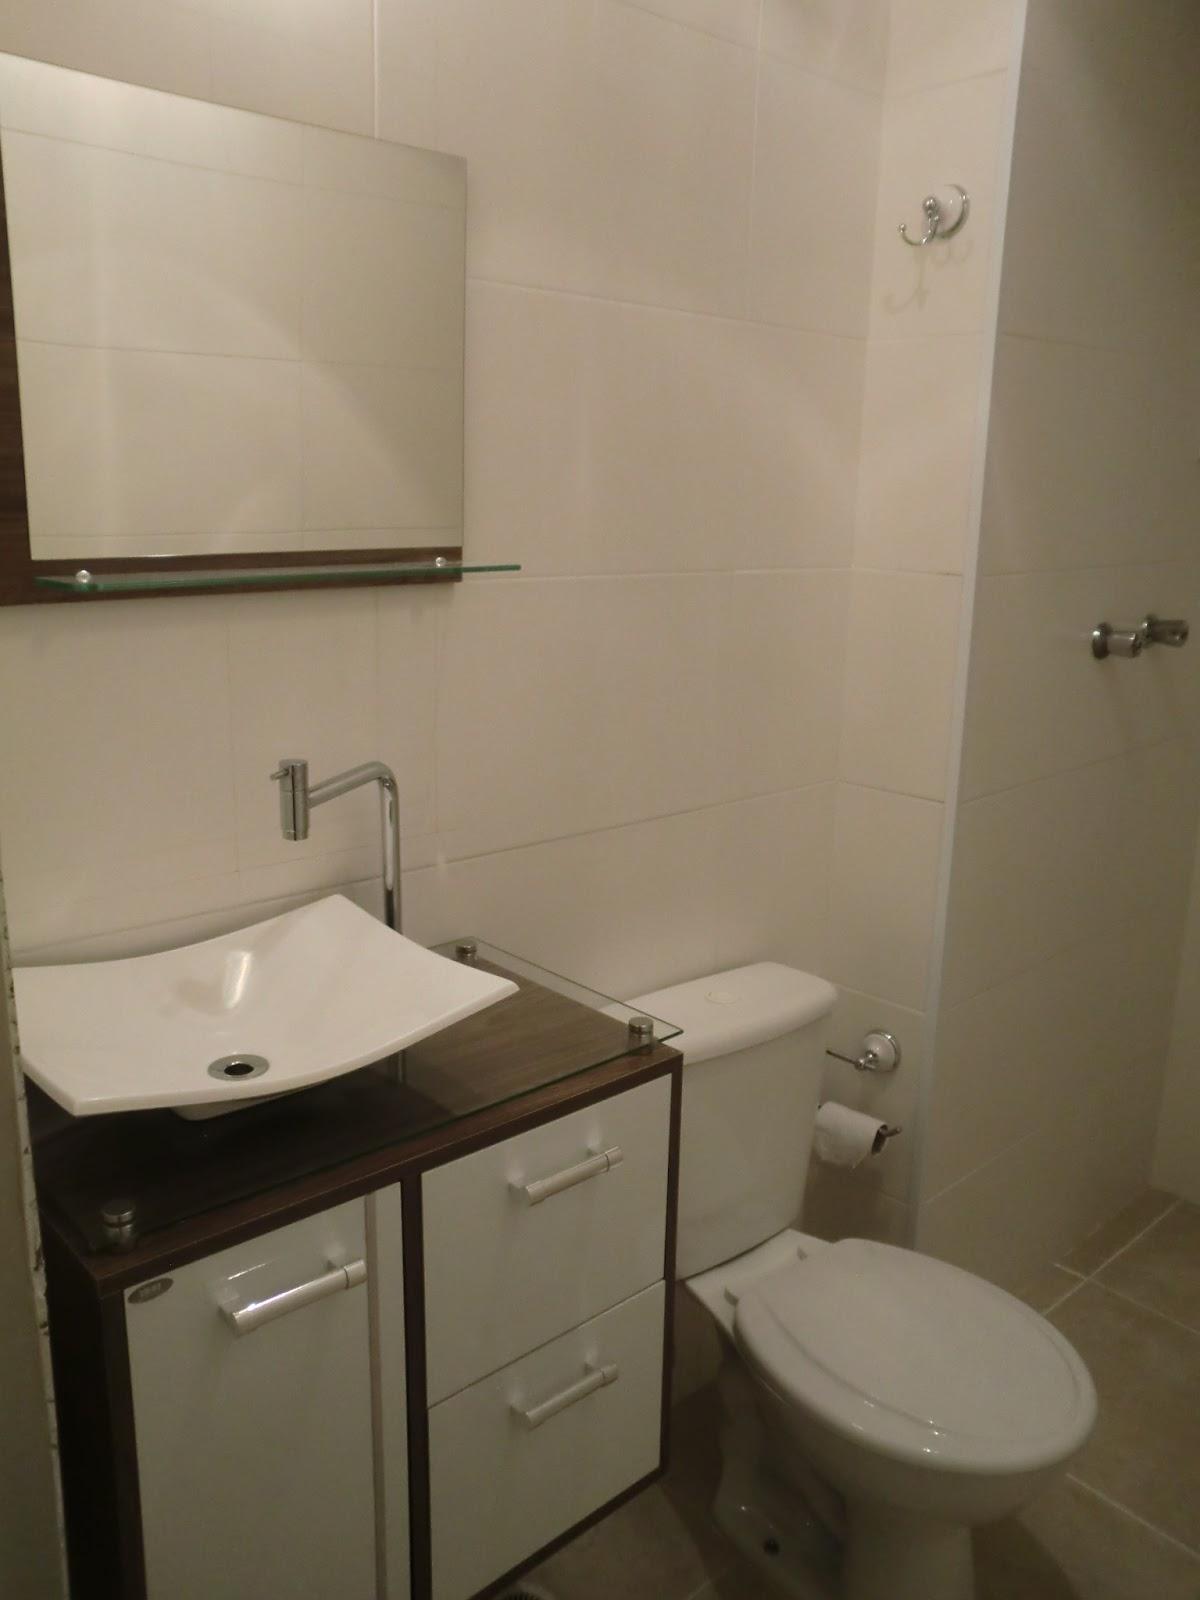 ator principal do banheiro o gabinete com tampo de vidro cuba de  #322B1D 1200x1600 Armarinho De Banheiro De Vidro